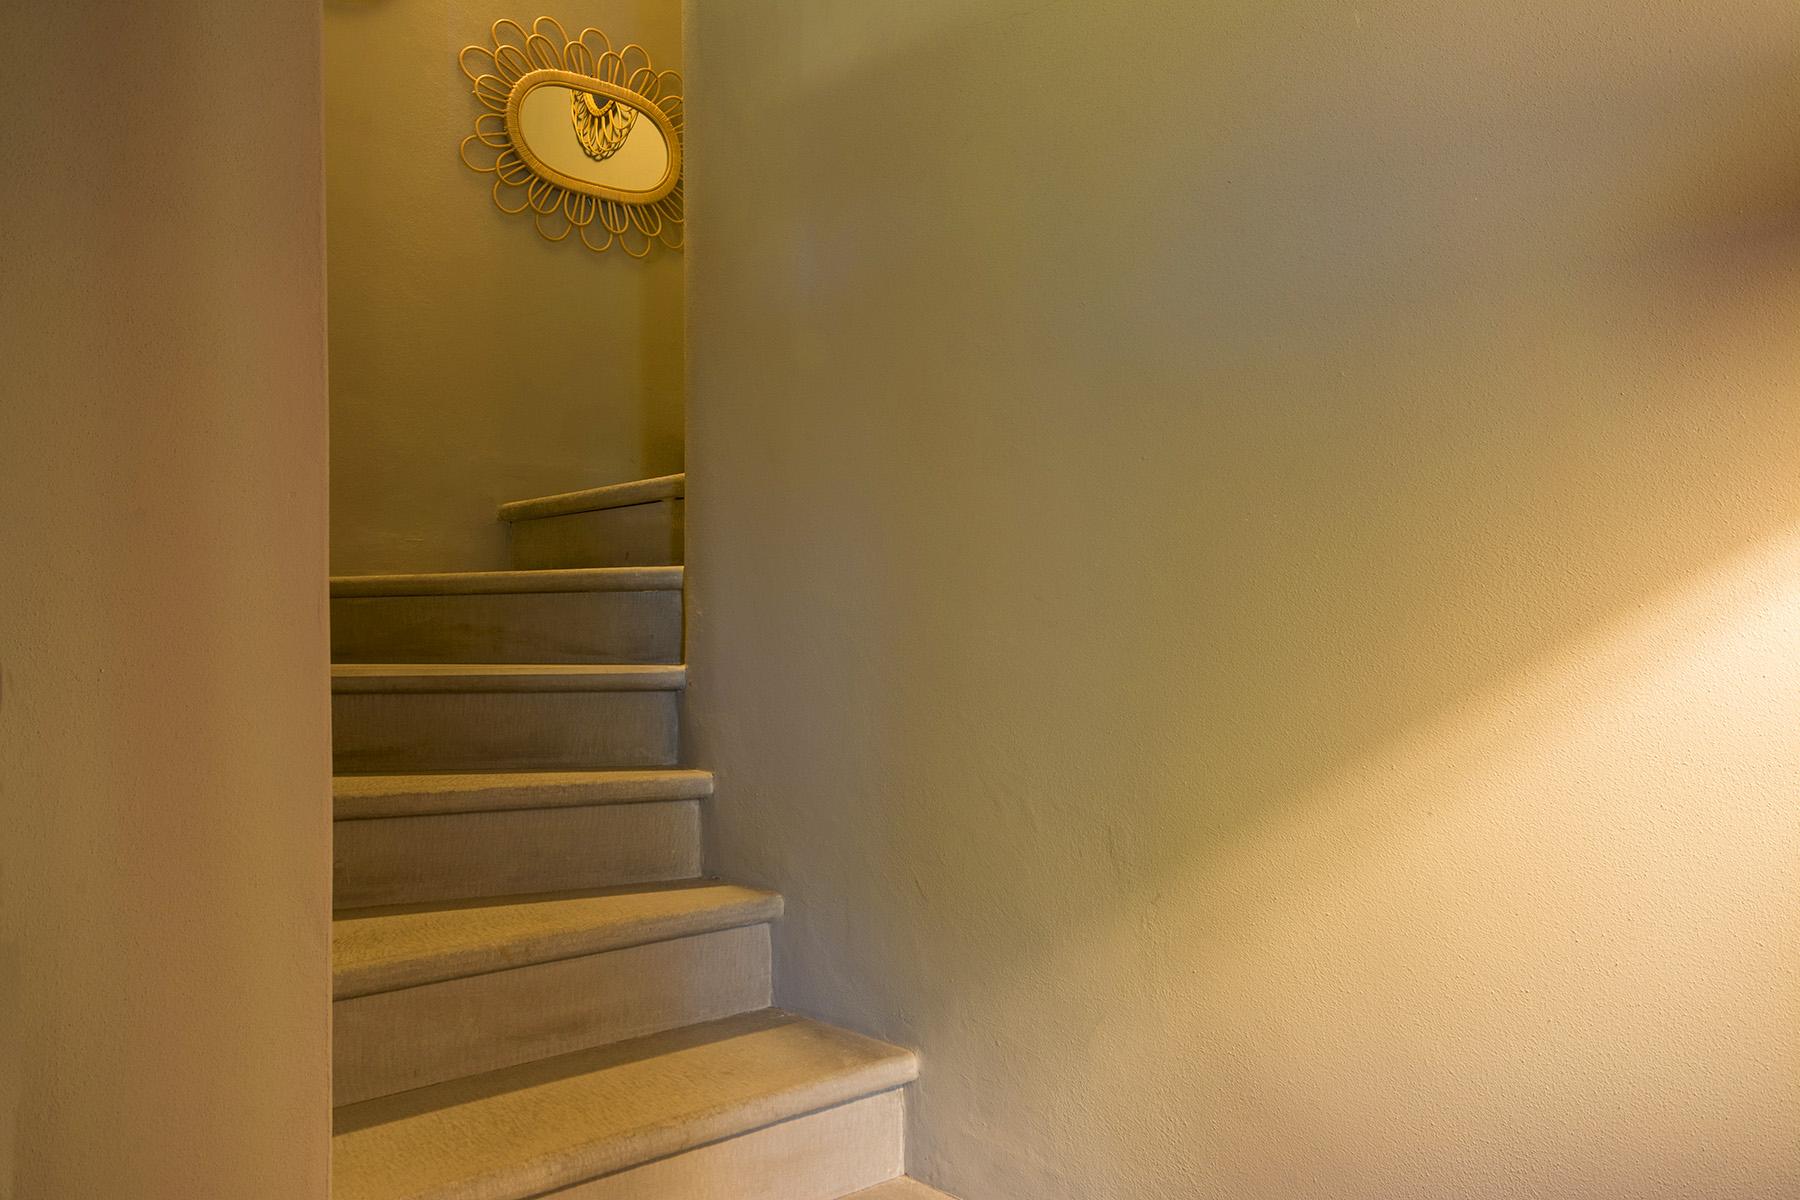 Casa indipendente in Vendita a Firenze: 5 locali, 128 mq - Foto 7